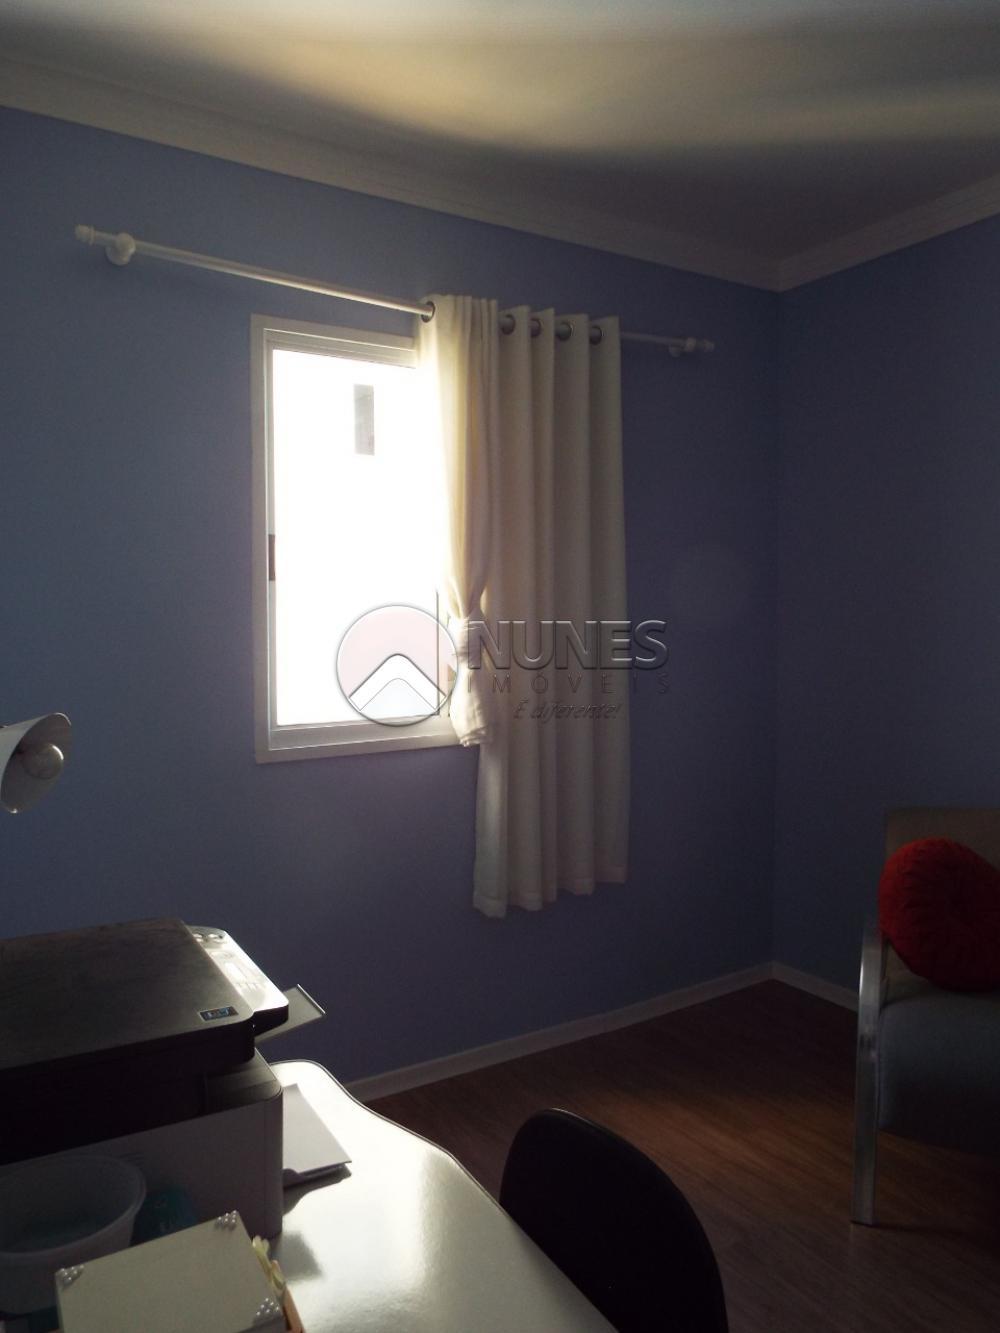 Comprar Apartamento / Padrão em Barueri apenas R$ 275.000,00 - Foto 17